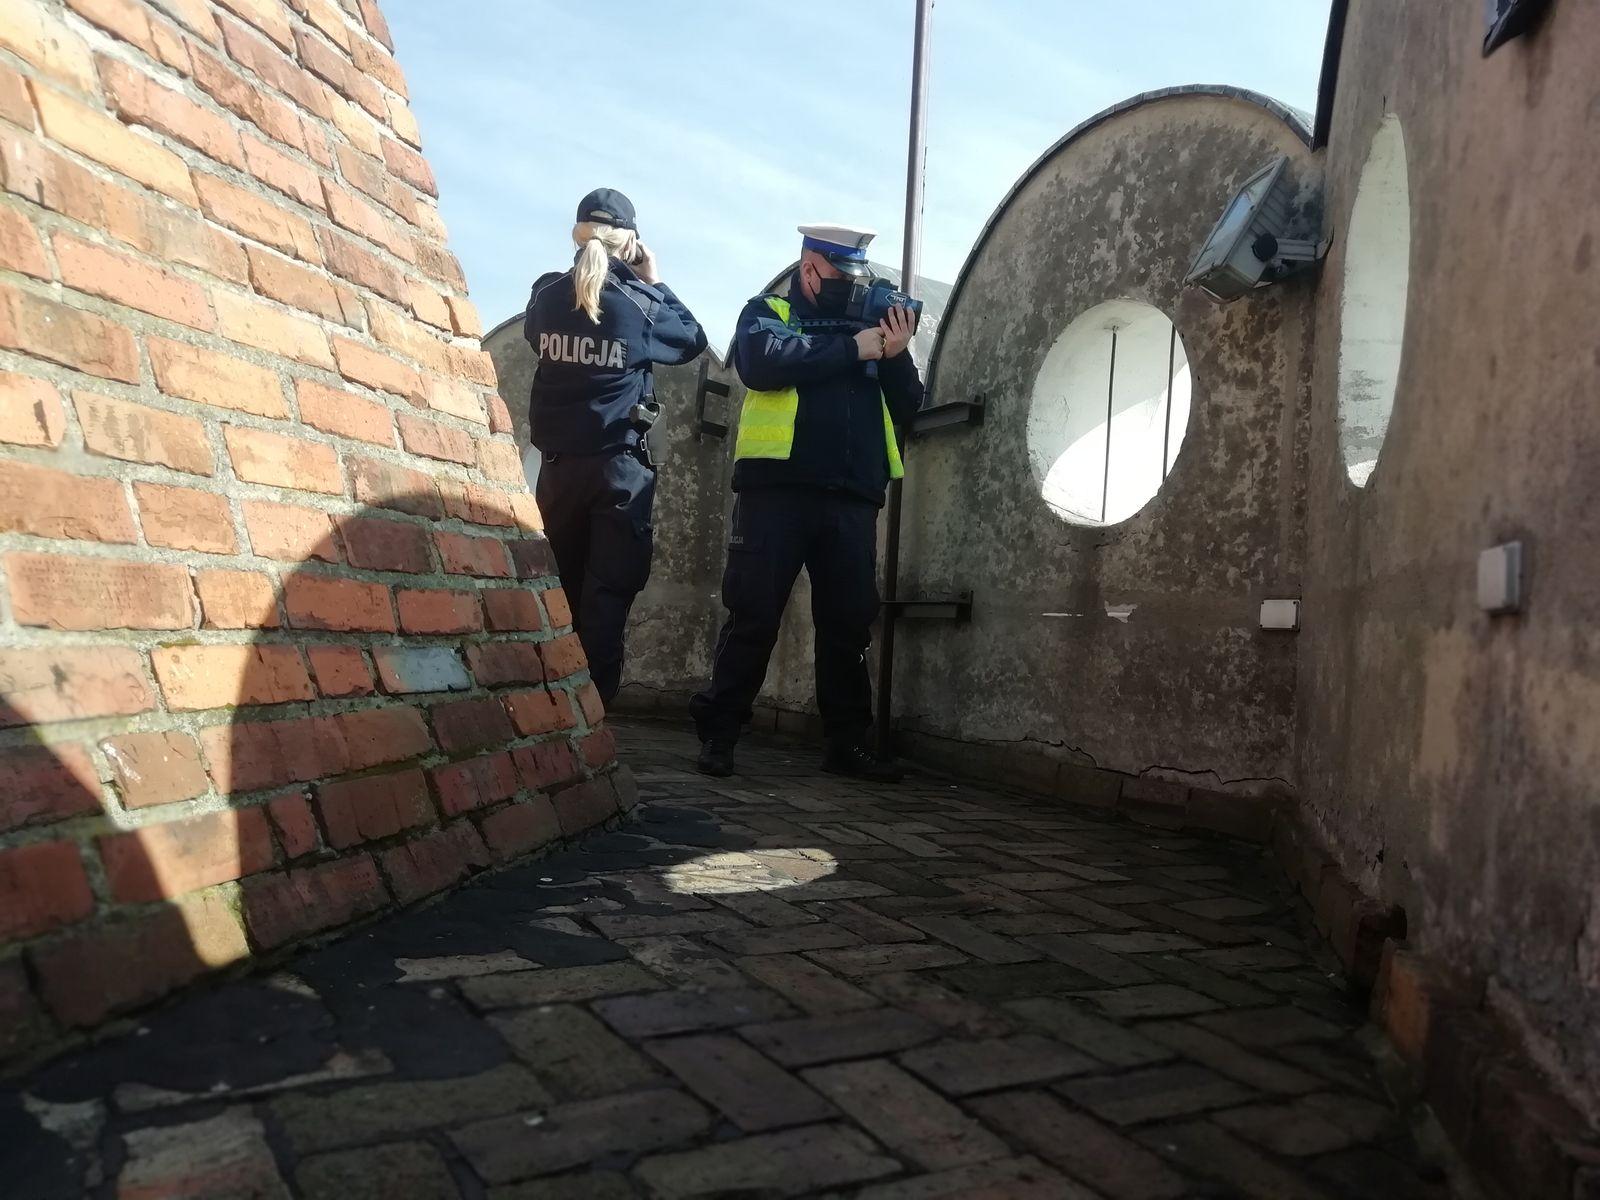 """[ZDJĘCIA] Policjanci """"suszyli"""" z wieży zamkowej. Nazwali to operacją """"Królewska Wieża"""" - Zdjęcie główne"""